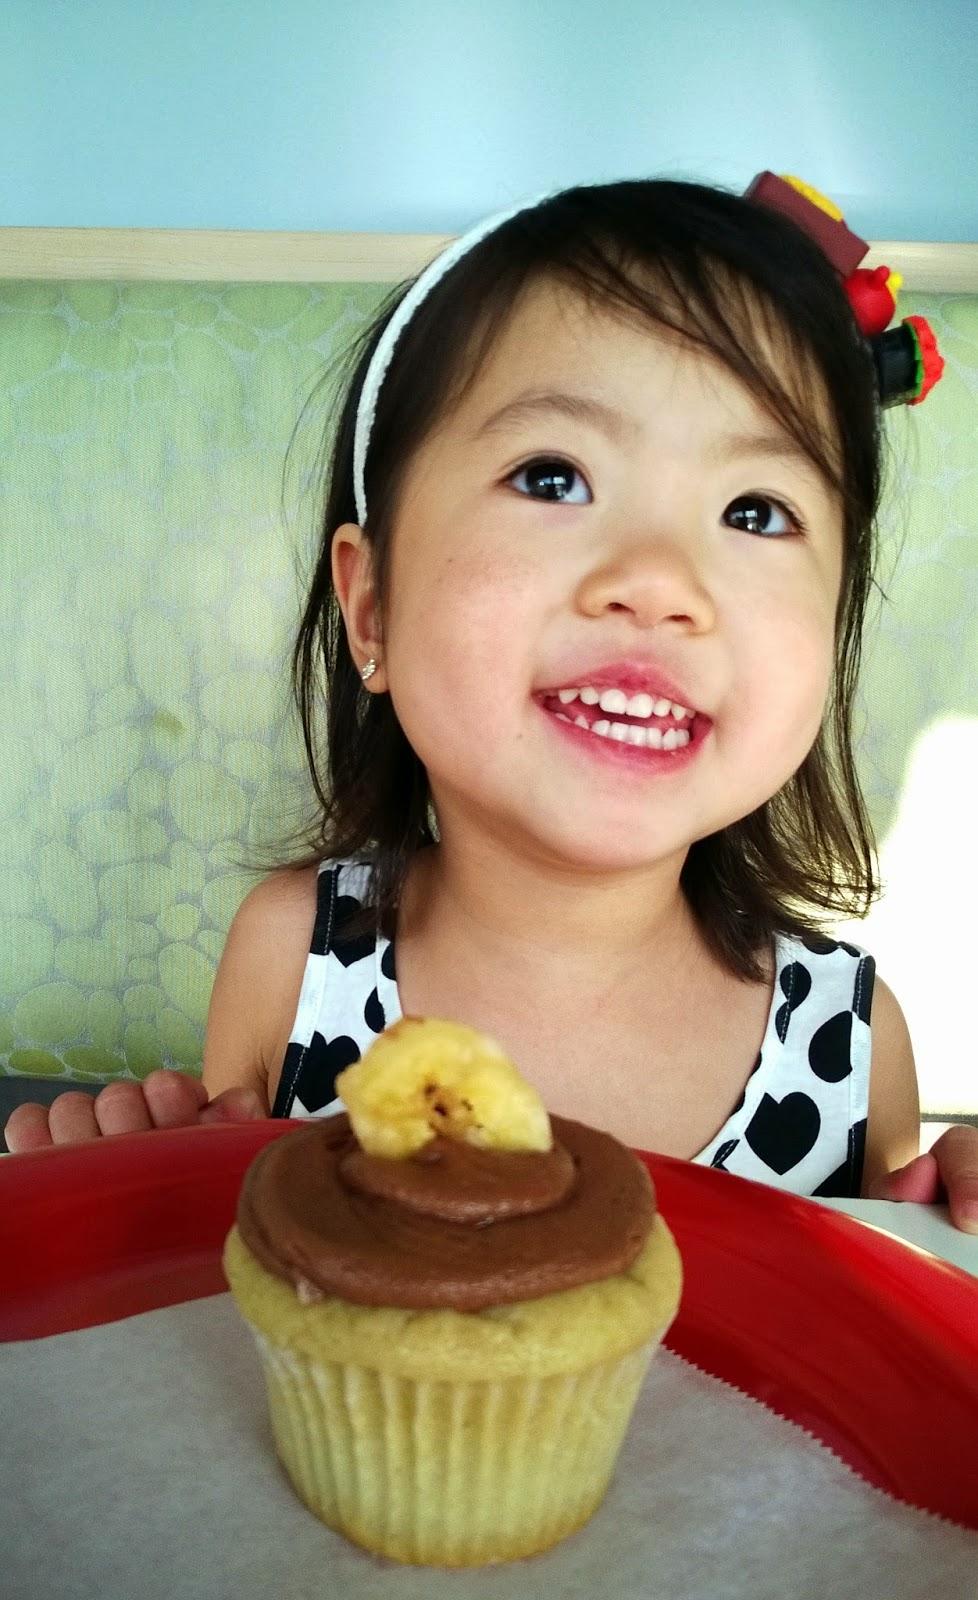 Best cupcakes in Los Angeles